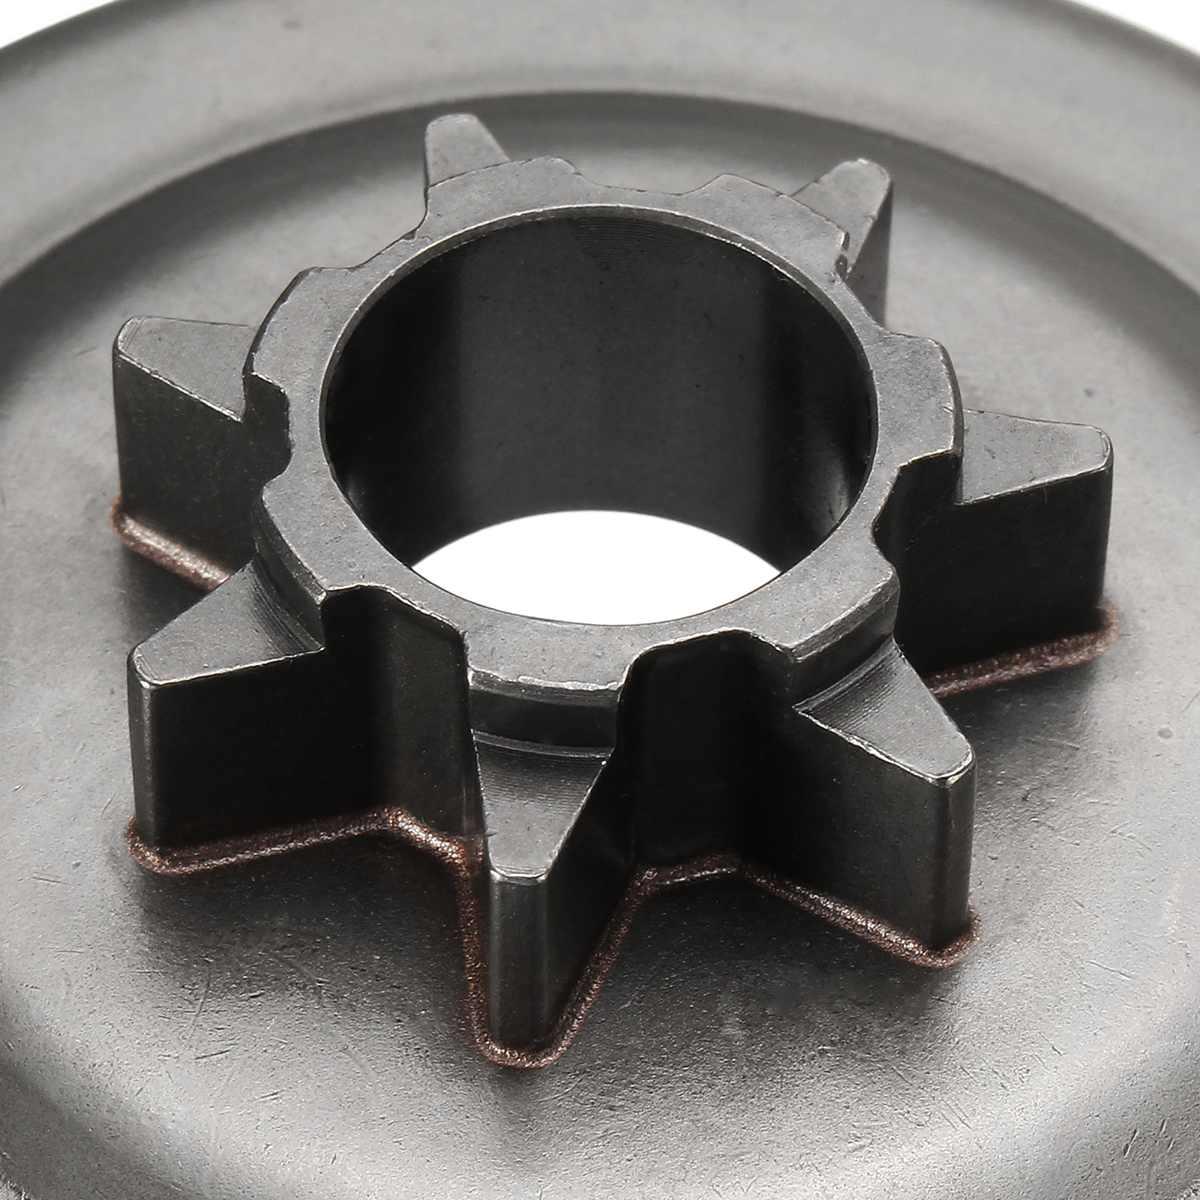 Диск сцепления Звездочка шайба E-Clip комплект бензопилы для 350 31 340 345 346XP 350 445 450 450E. 325 шаг шестерня для бензопилы